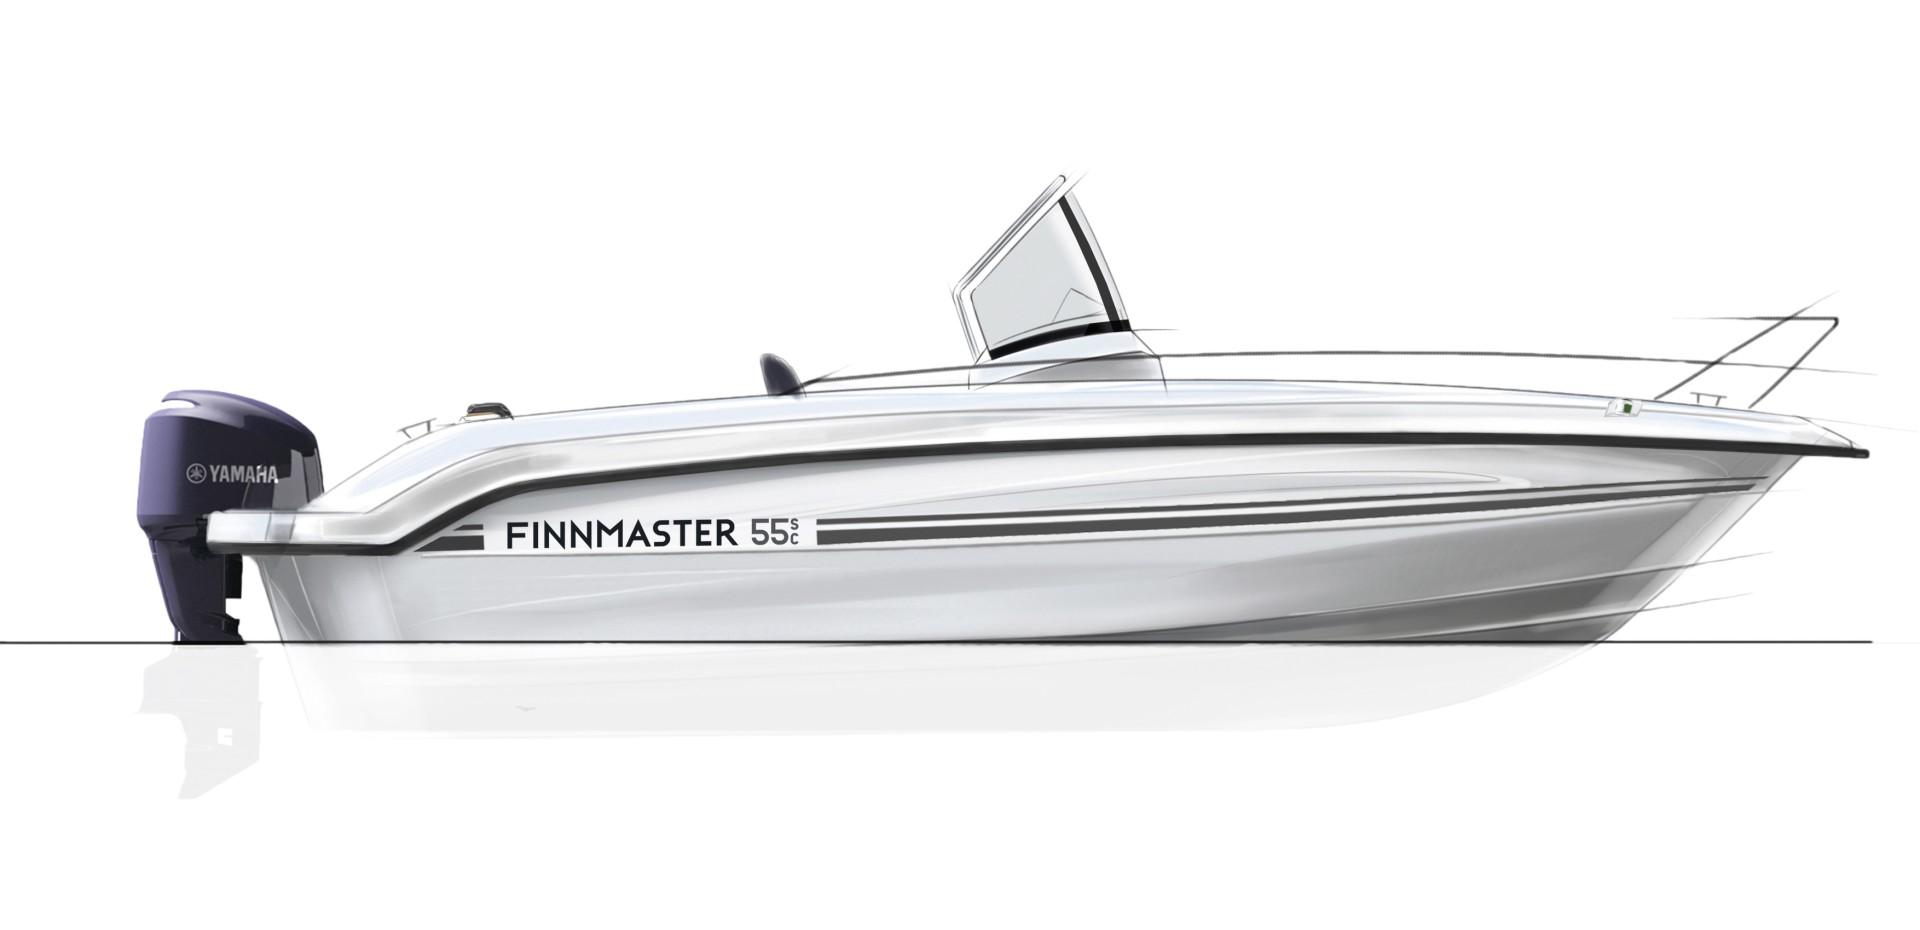 Finnmaster 55 SC